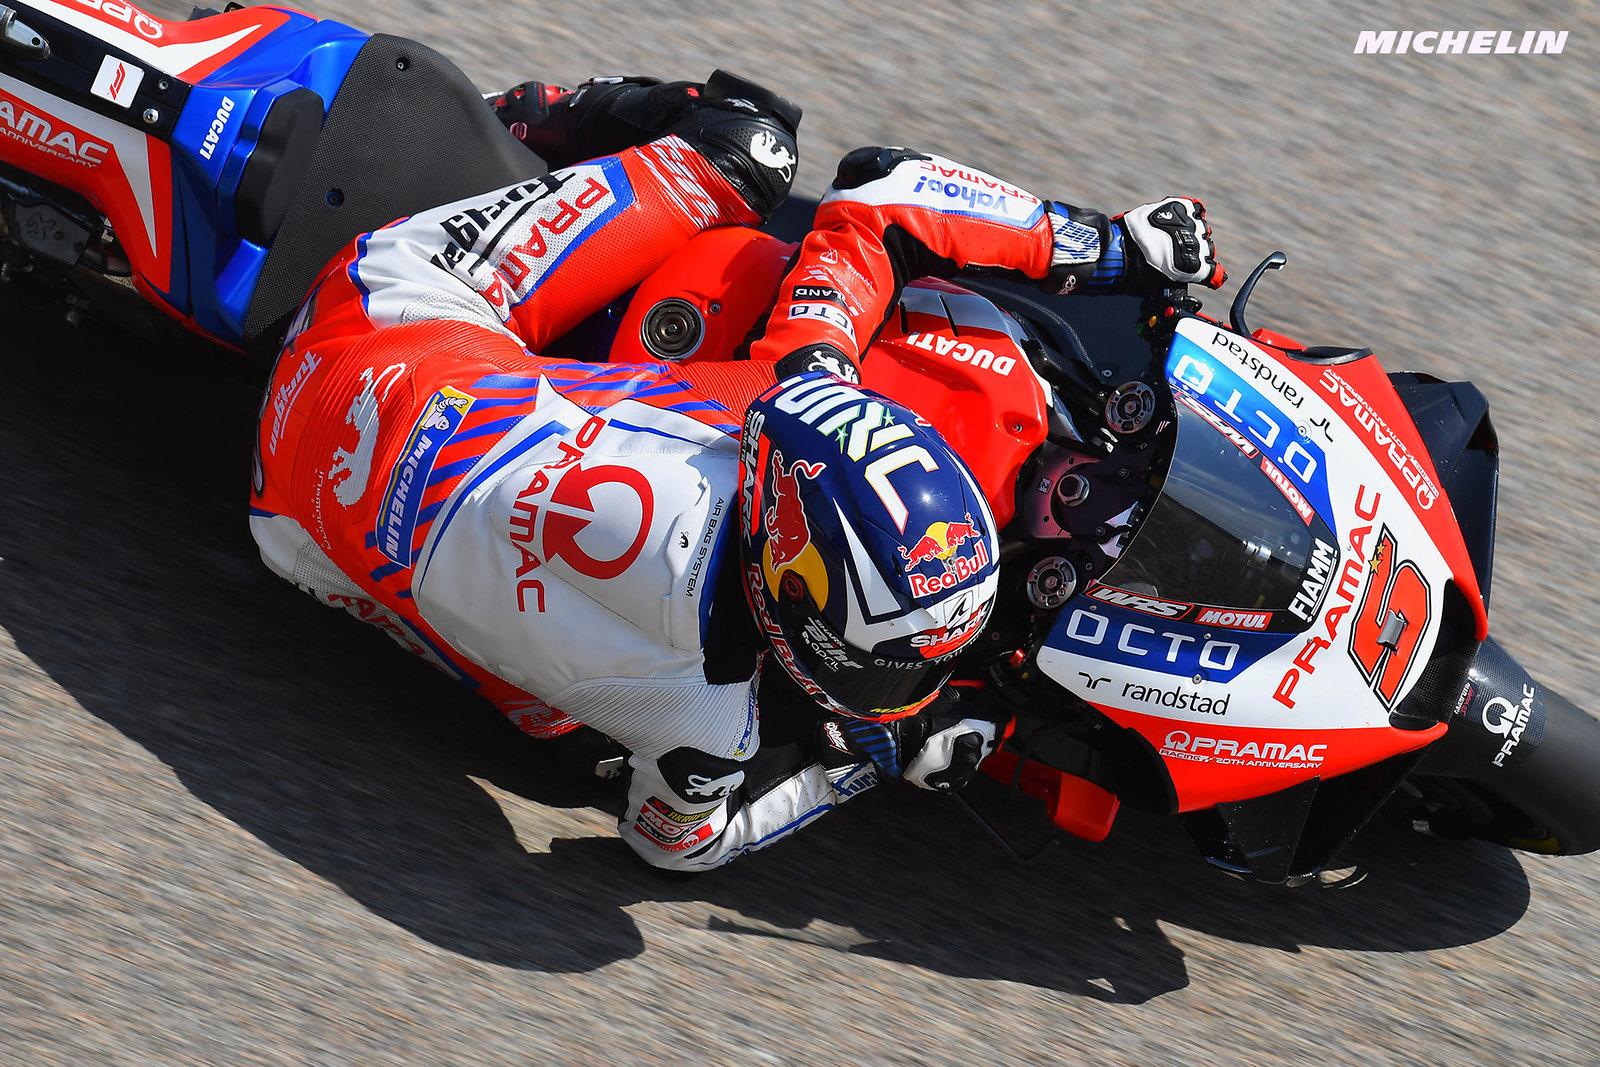 MotoGP2021 ドイツGP8位 ヨハン・ザルコ「レース後半にタイヤが摩耗してしまった」